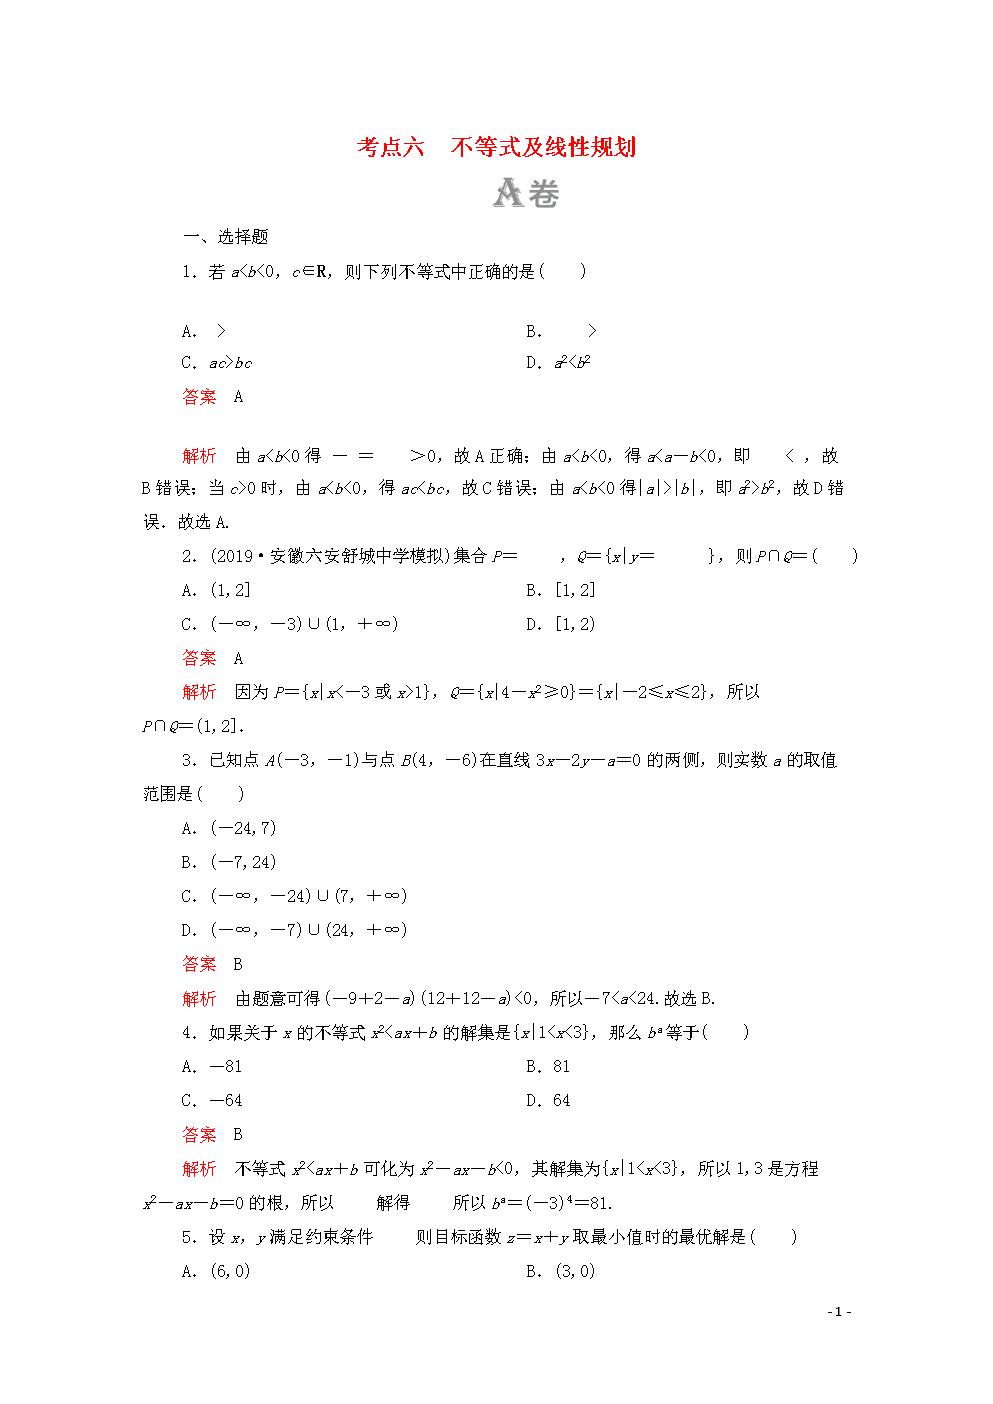 2020届高考数学大二轮复习 刷题首选卷 第一部分 刷考点 考点六 不等式及线性规划 理.doc